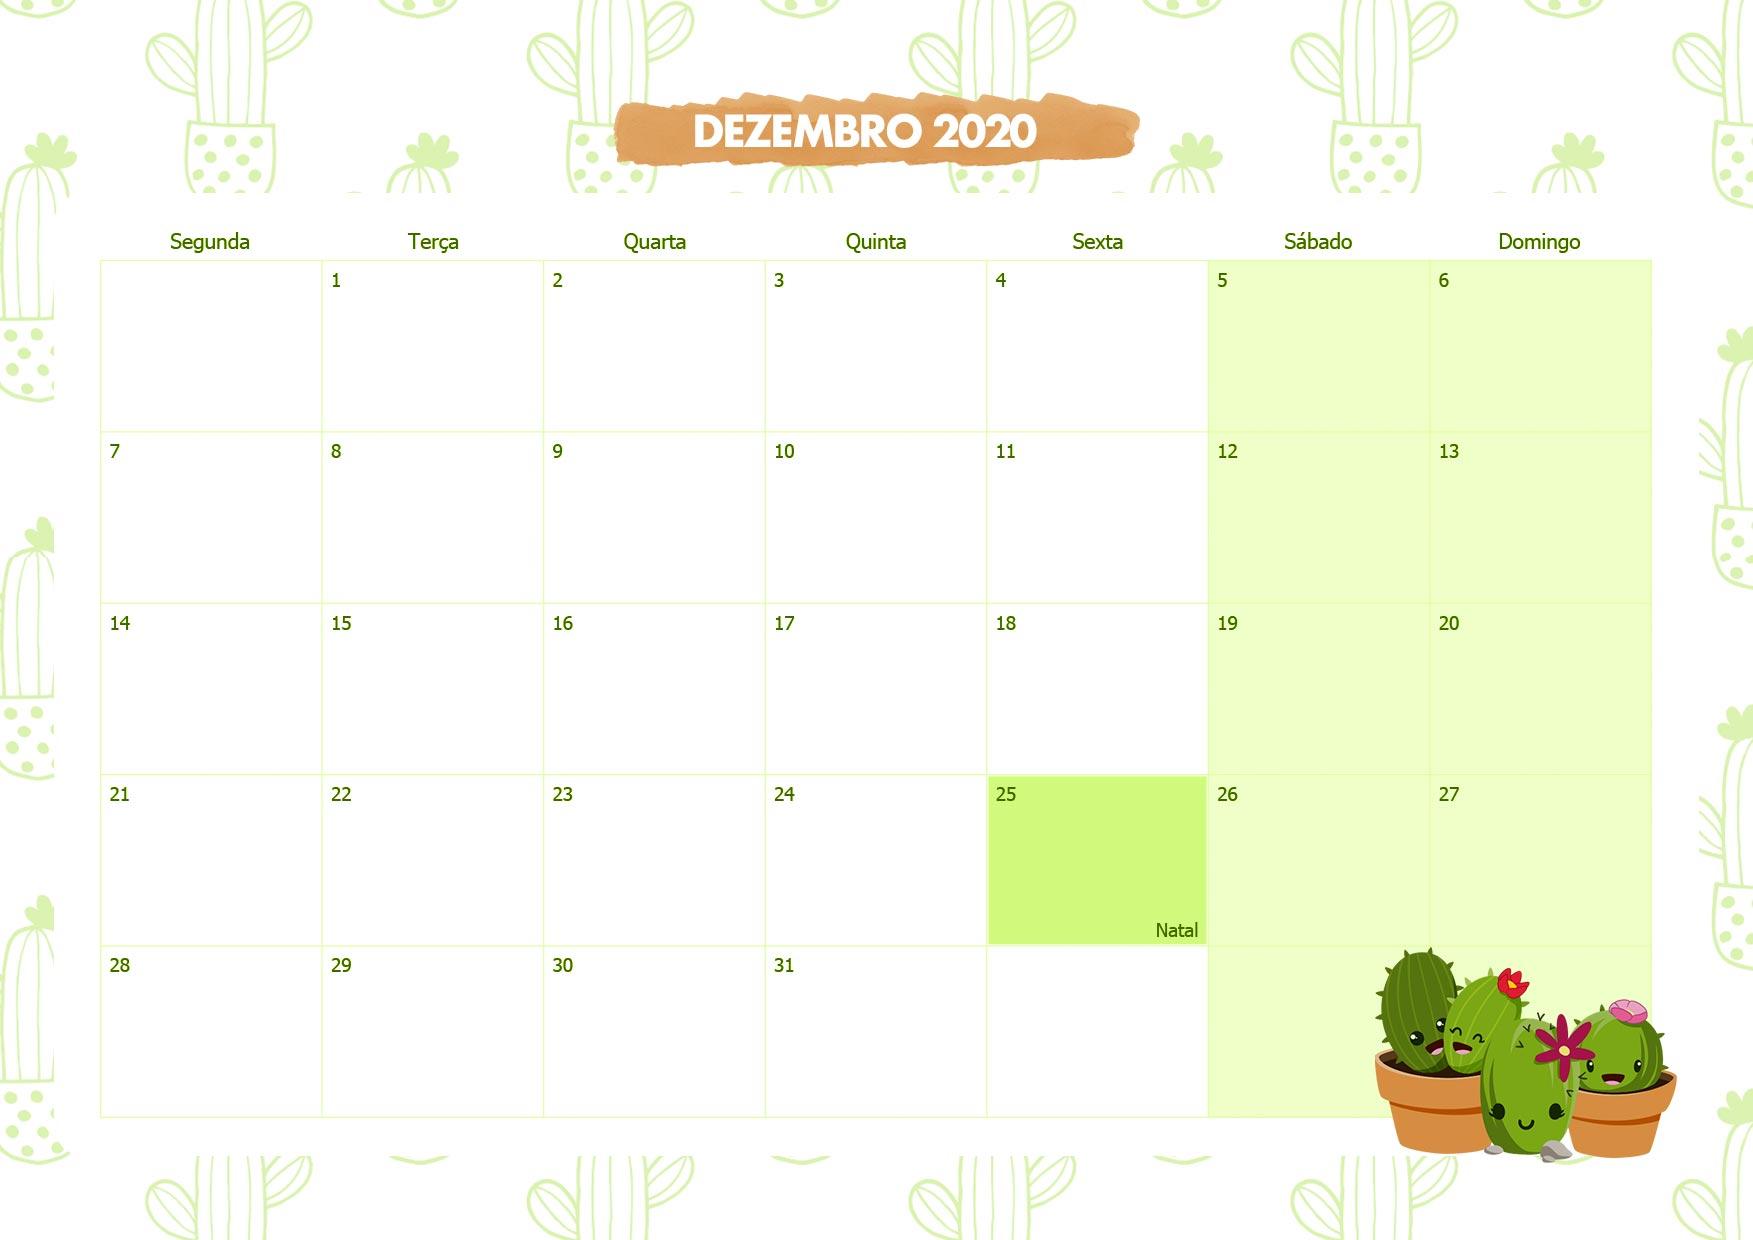 Calendario Mensal Cactos Dezembro 2020